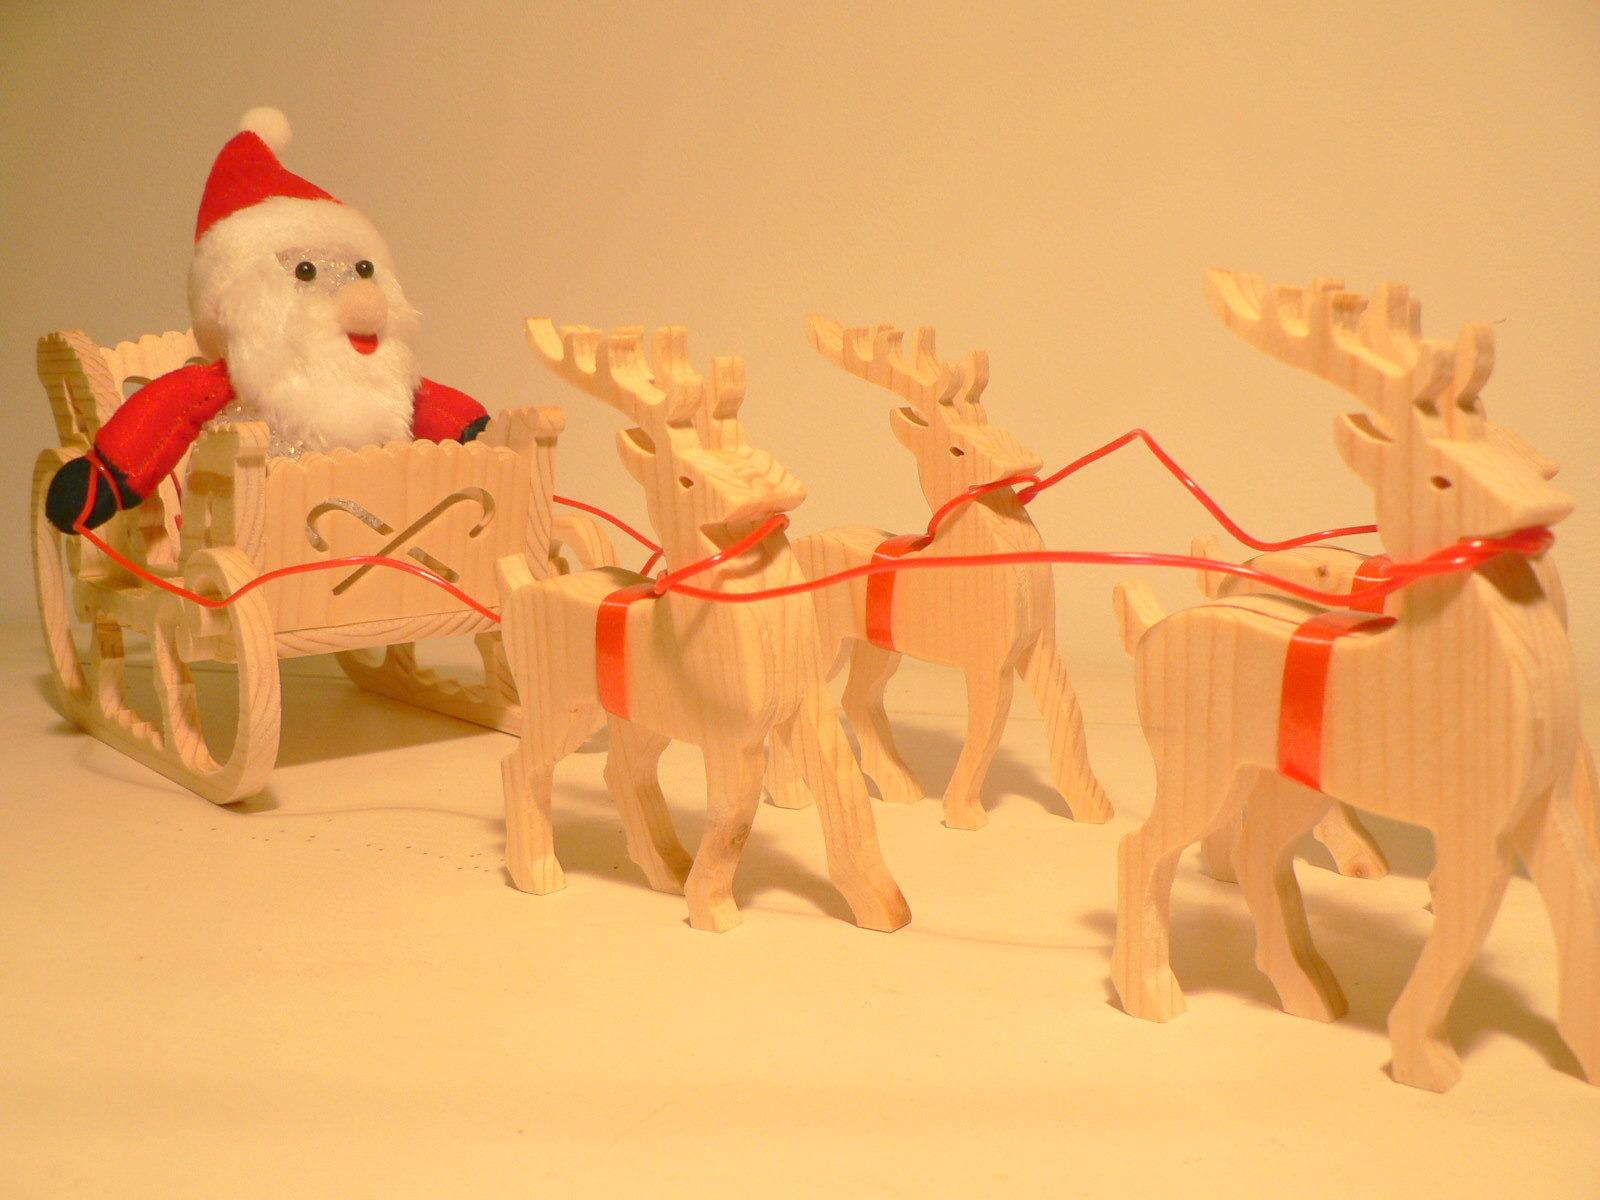 Mdf En Bois Noël Le Traîneau Du Père Noël Noël Décoration pour Image De Traineau Du Pere Noel